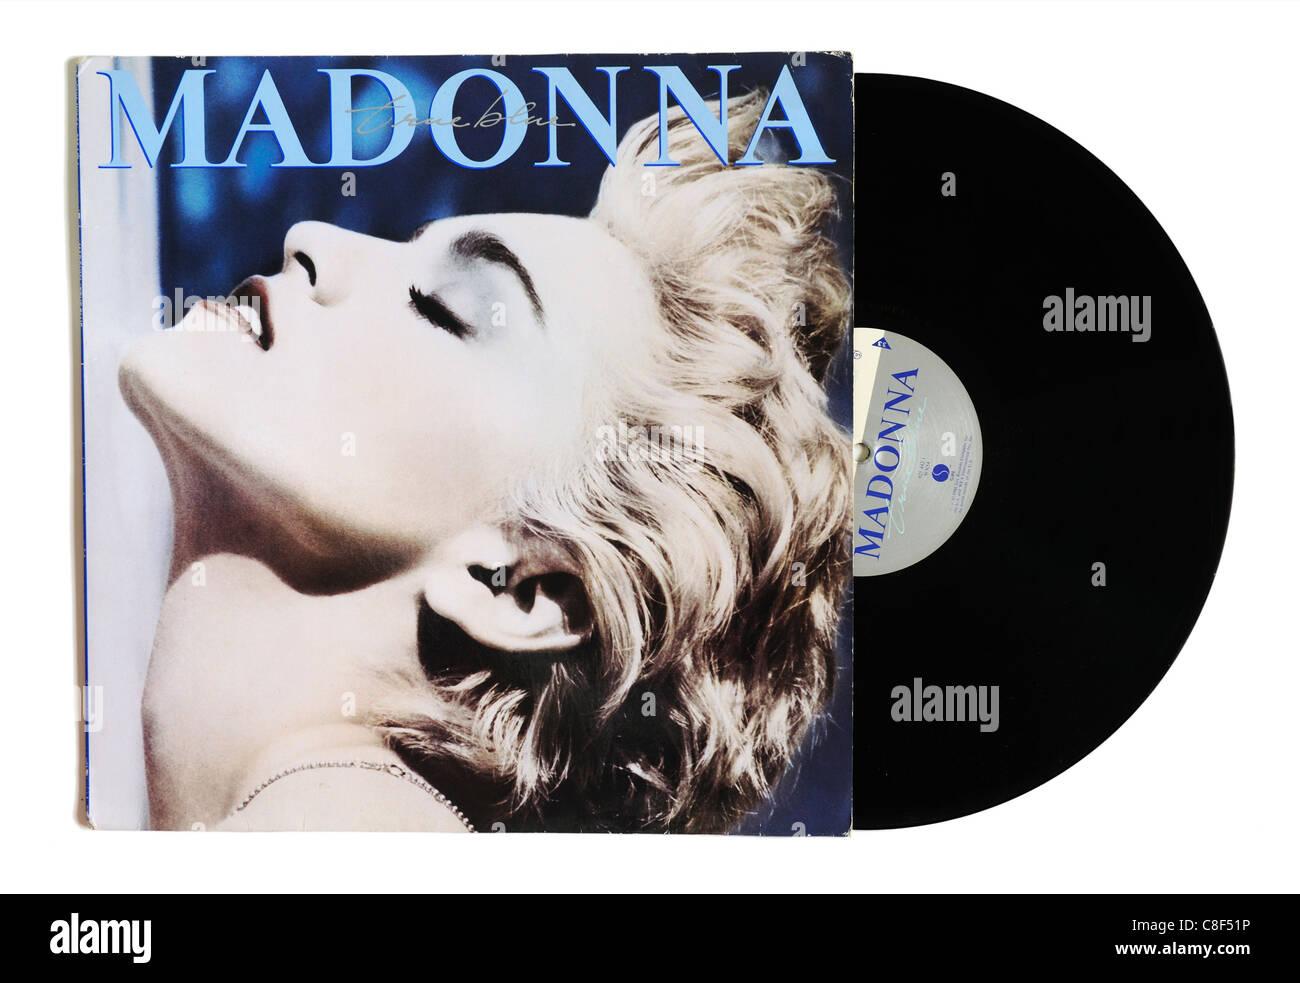 Madonna vero album blu Immagini Stock